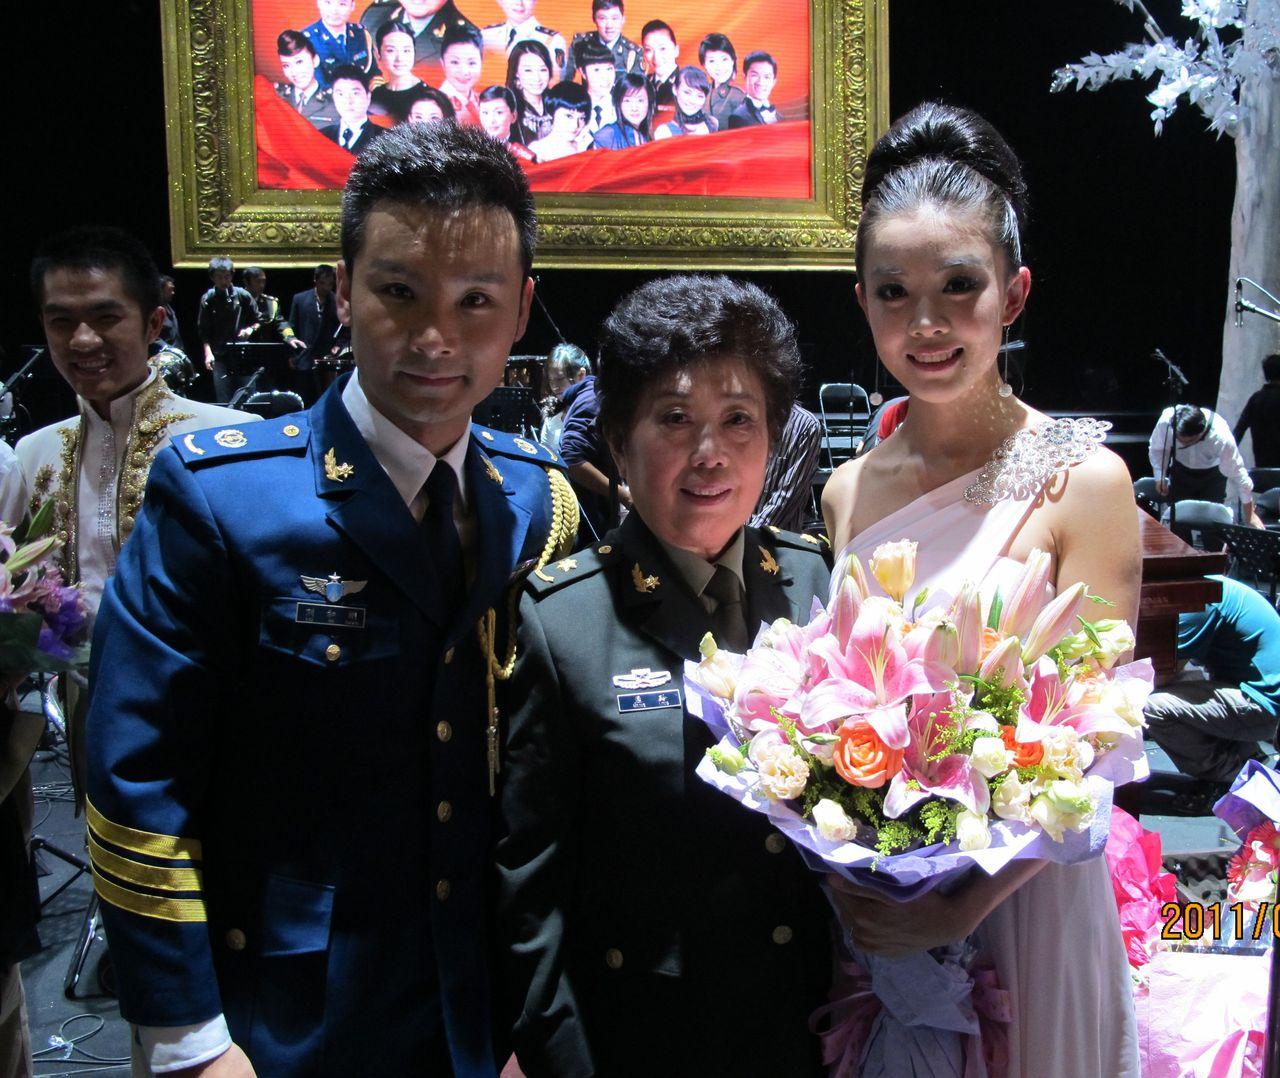 ... 刘和刚_王冠访问刘和刚图片_歌手刘和刚 - 黑马素材